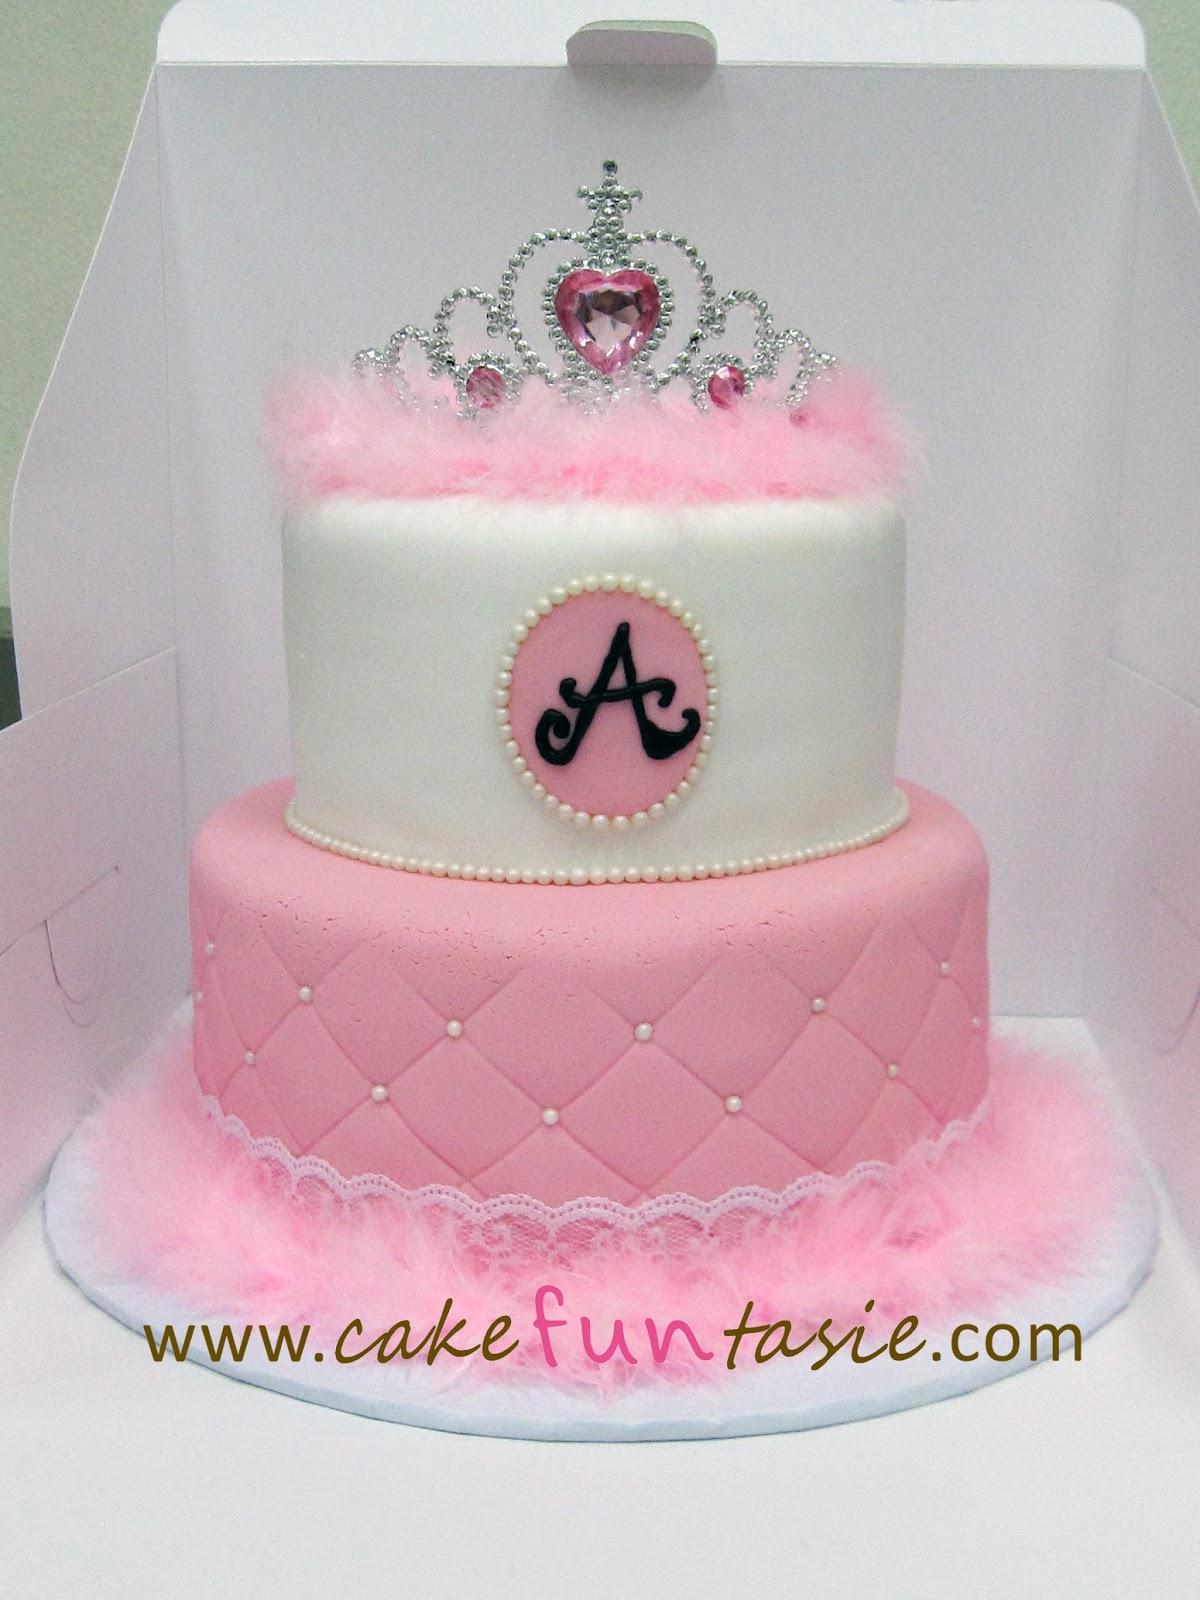 Princess Crown Cake Images : Cake Funtasie: Princess Tiara Fluff Cake